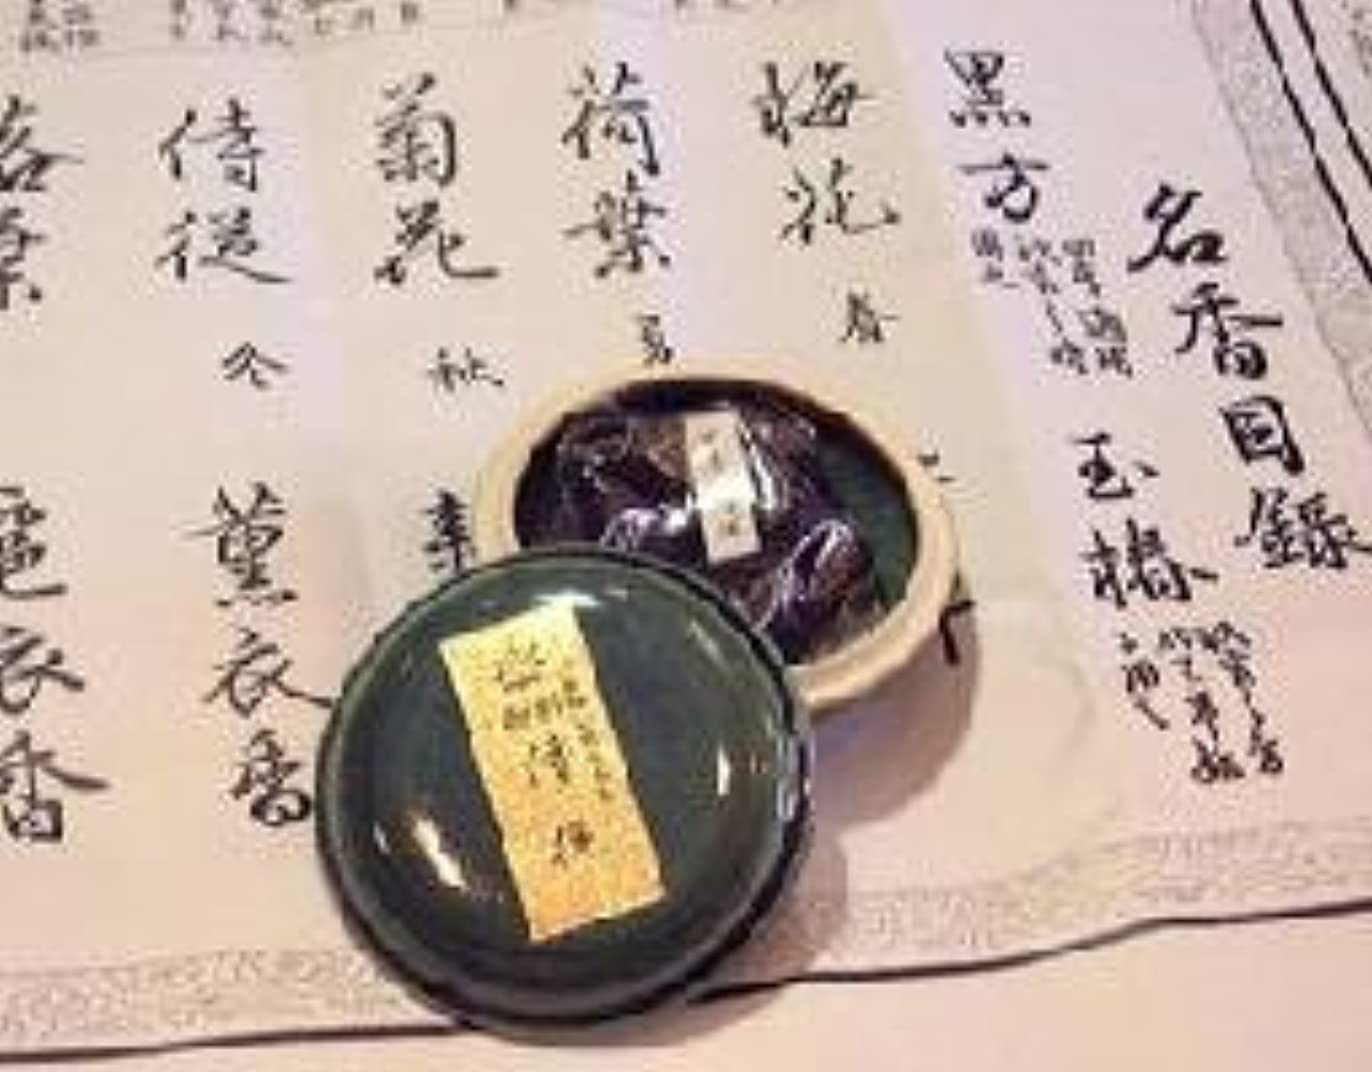 買い物に行くフリース写真鳩居堂の煉香 御香 侍従 桐箱 たと紙 陶器香合11g入 #505